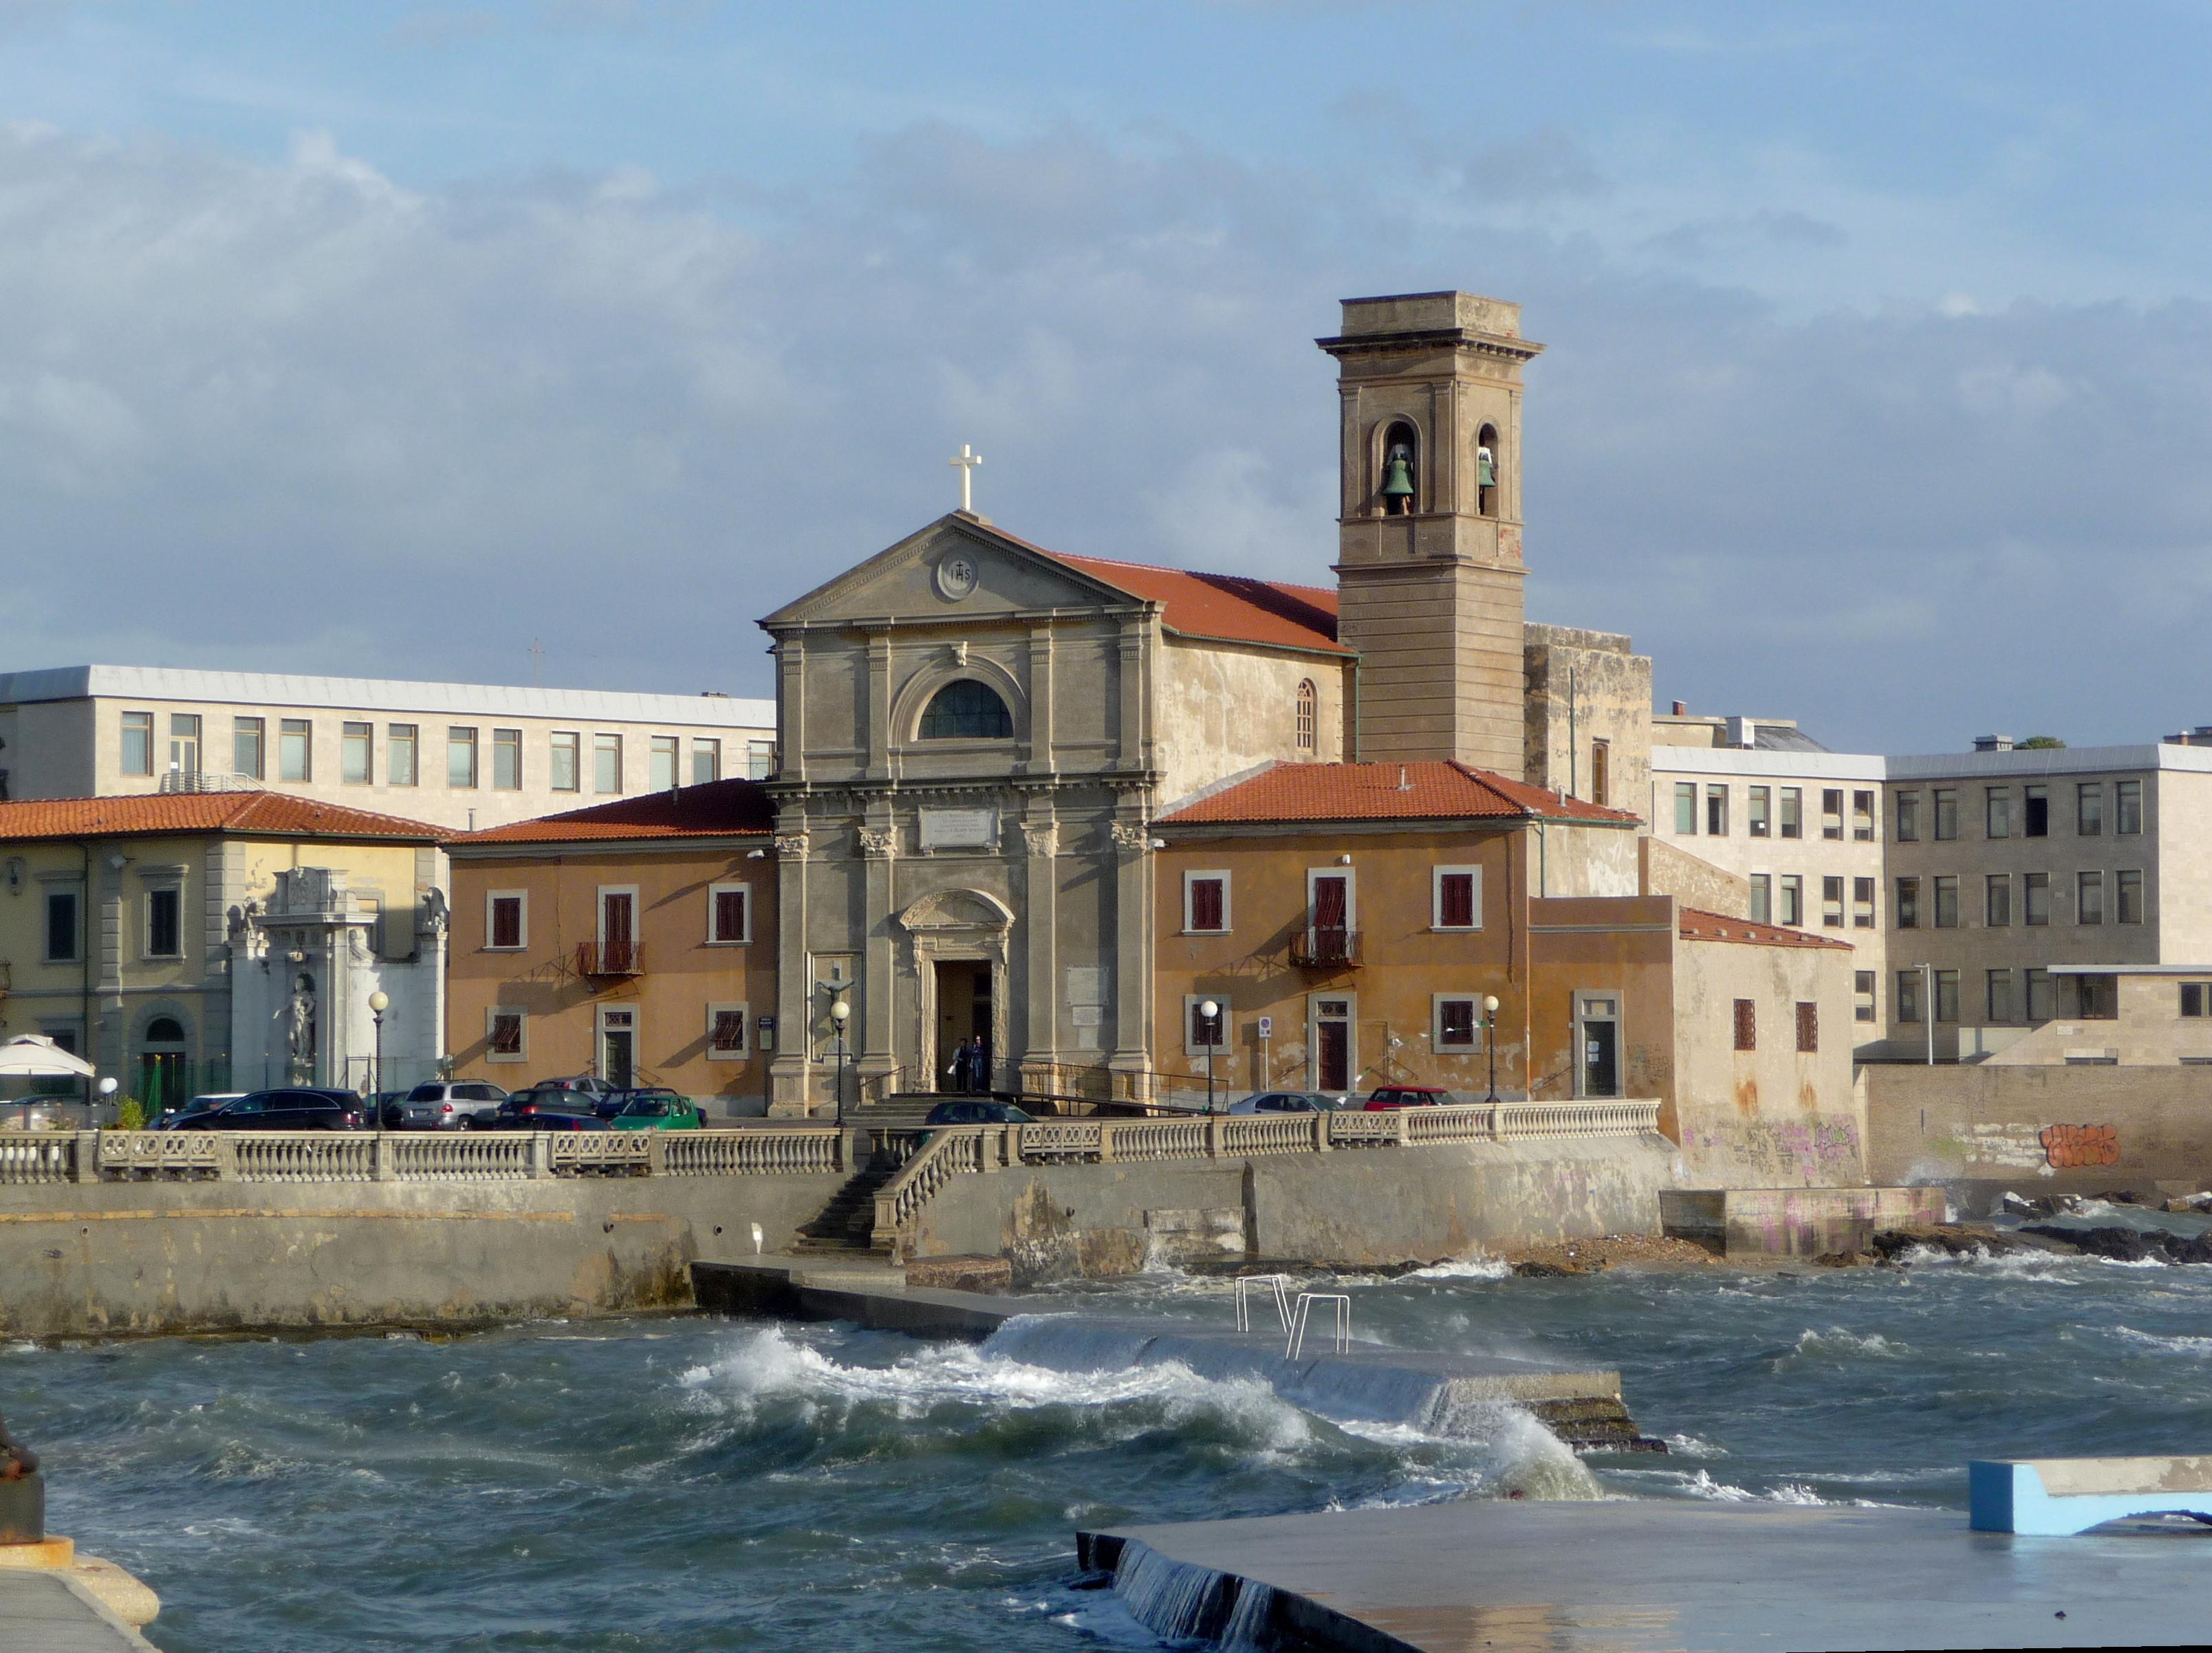 File:Chiesa San Iacopo in acquaviva, Livorno 3.jpg ...